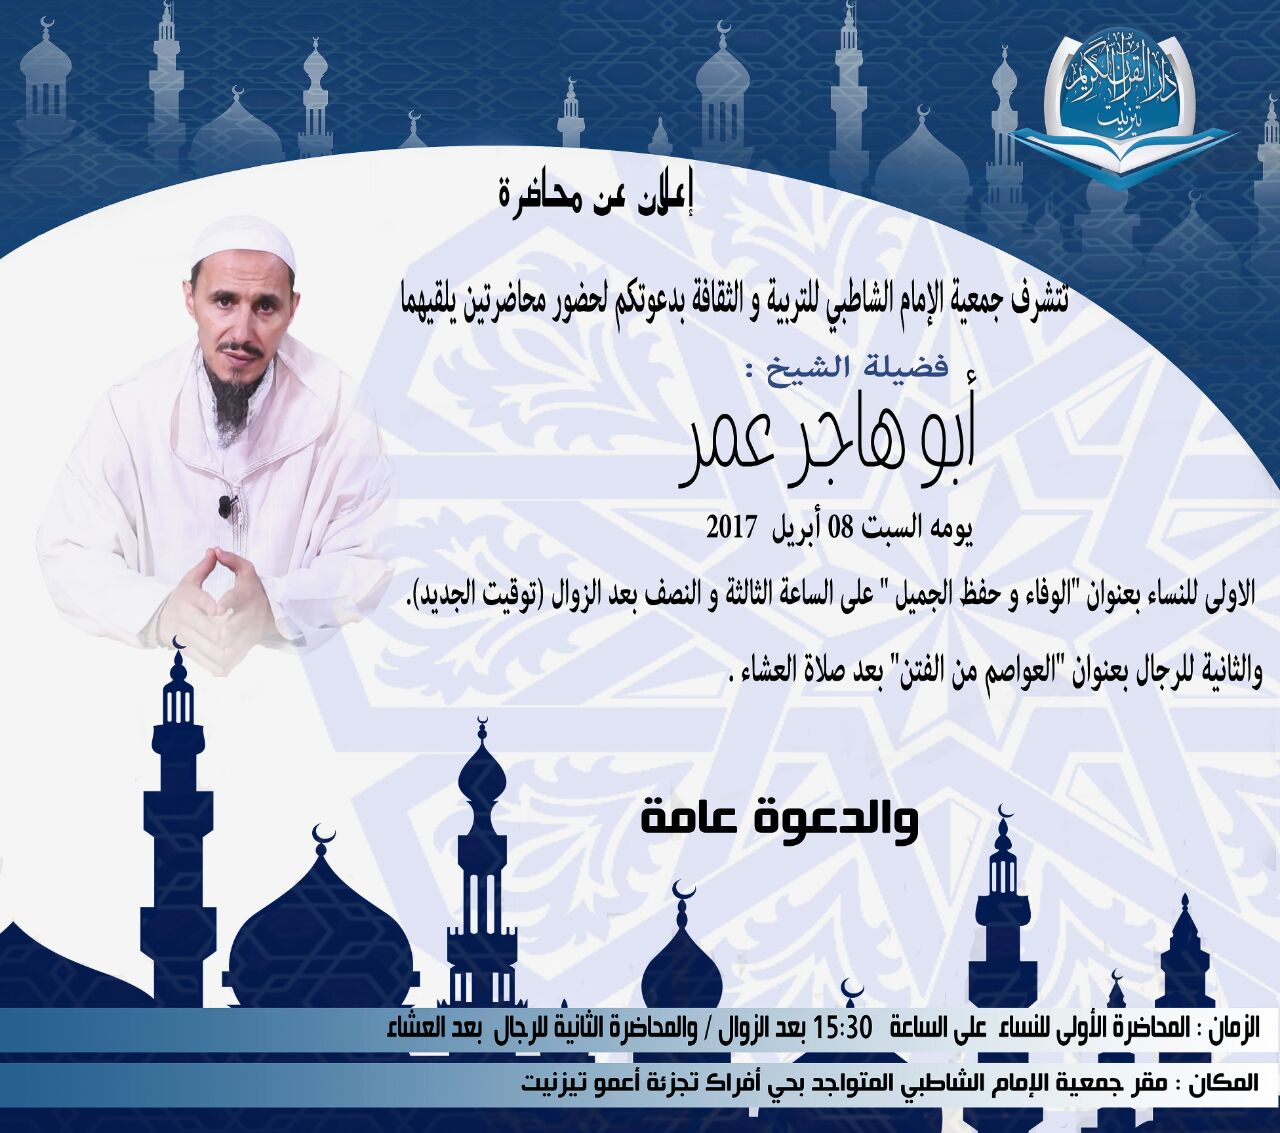 أبو هاجر أو شيخ الأمازيغ في ضيافة جمعية الامام الشاطبي